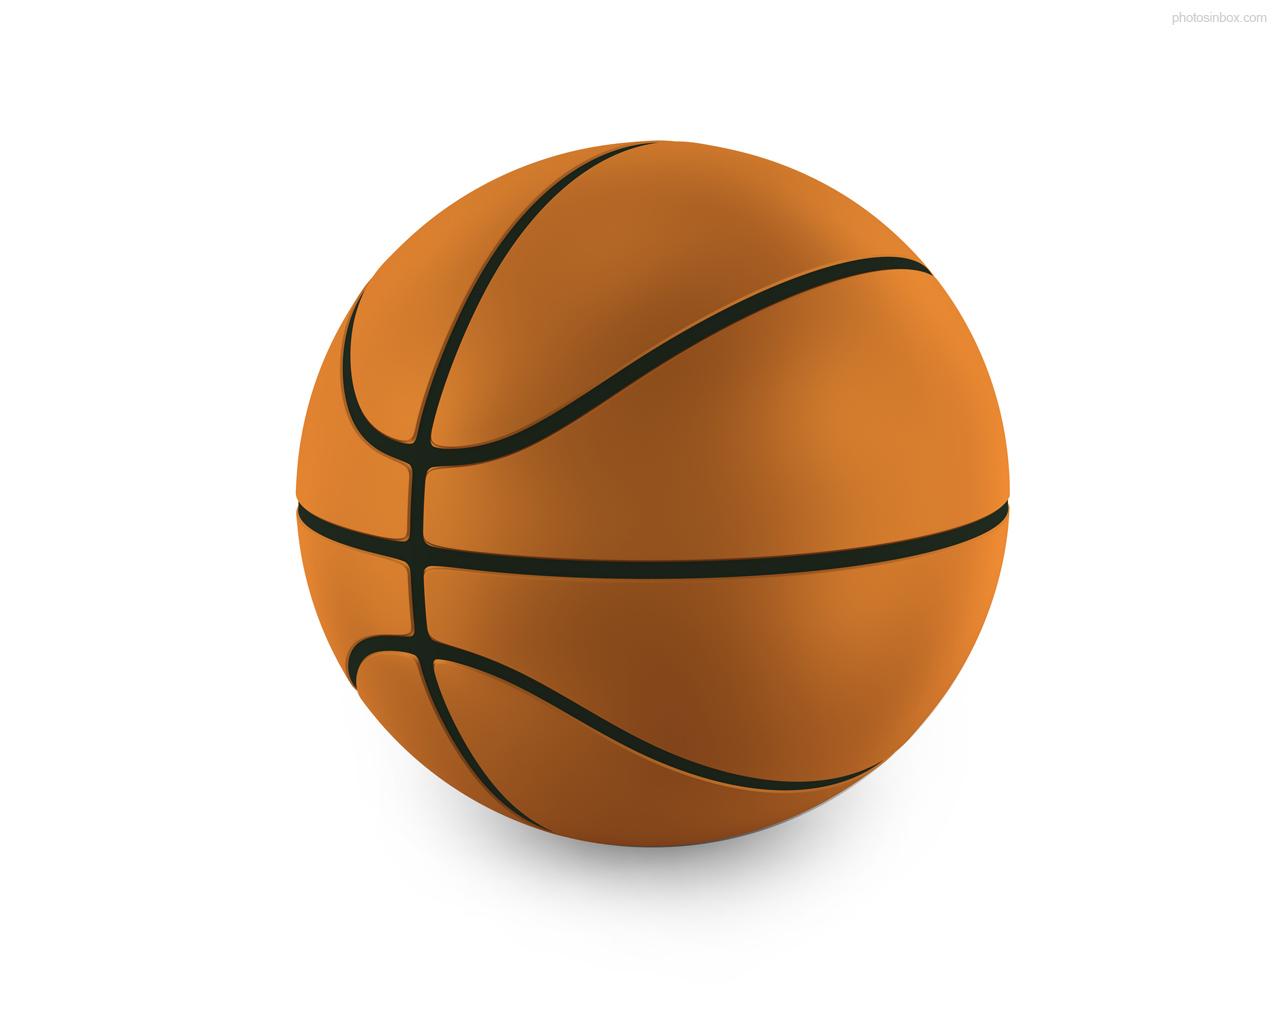 Cartoon Basketball Ball Clip Art.